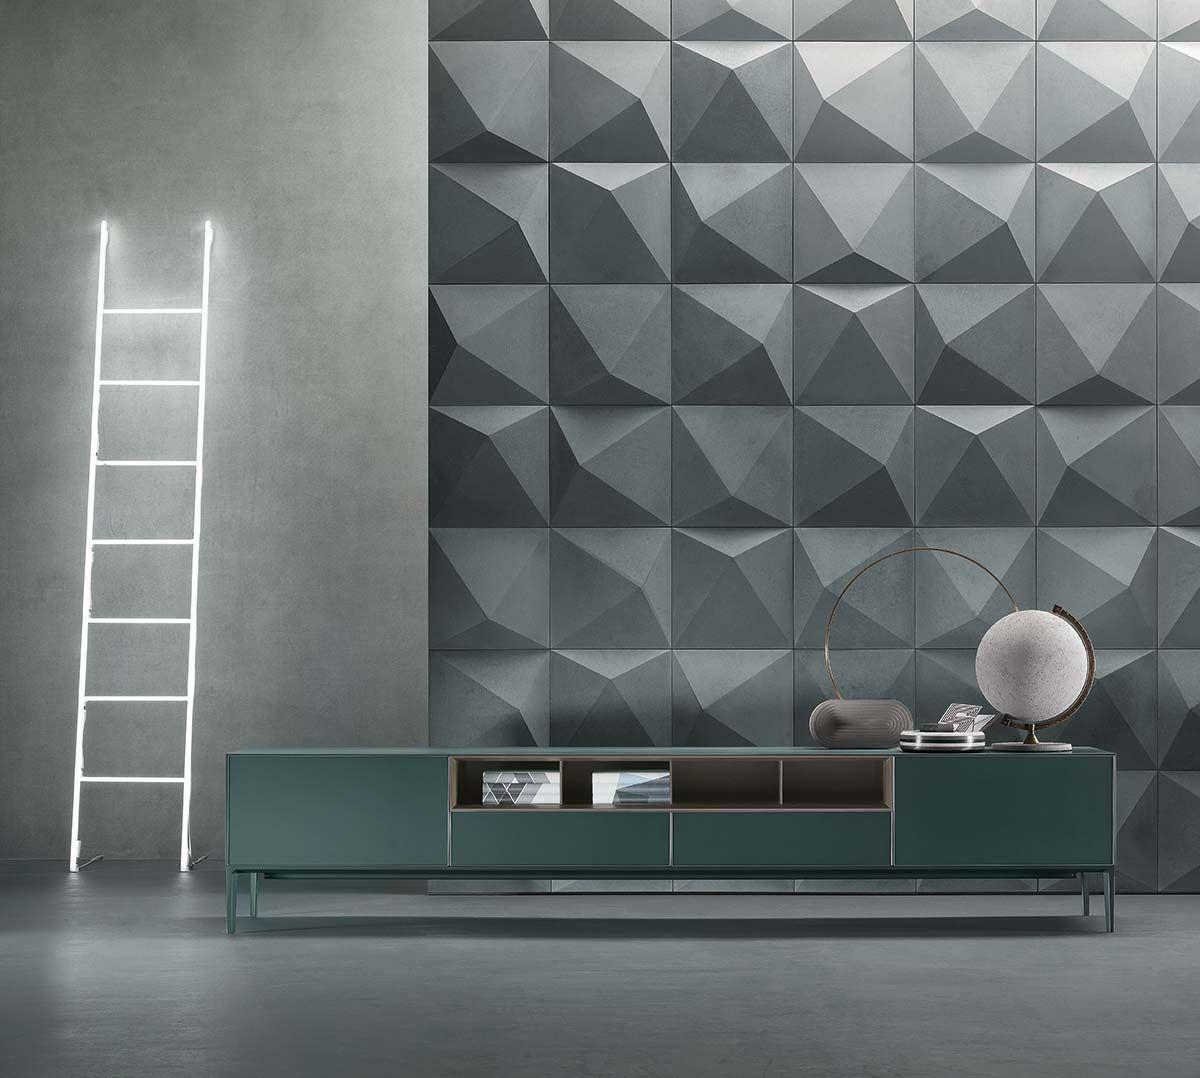 Wohndesign freudling wohnzimmer modern cabinets for Haus innendekoration